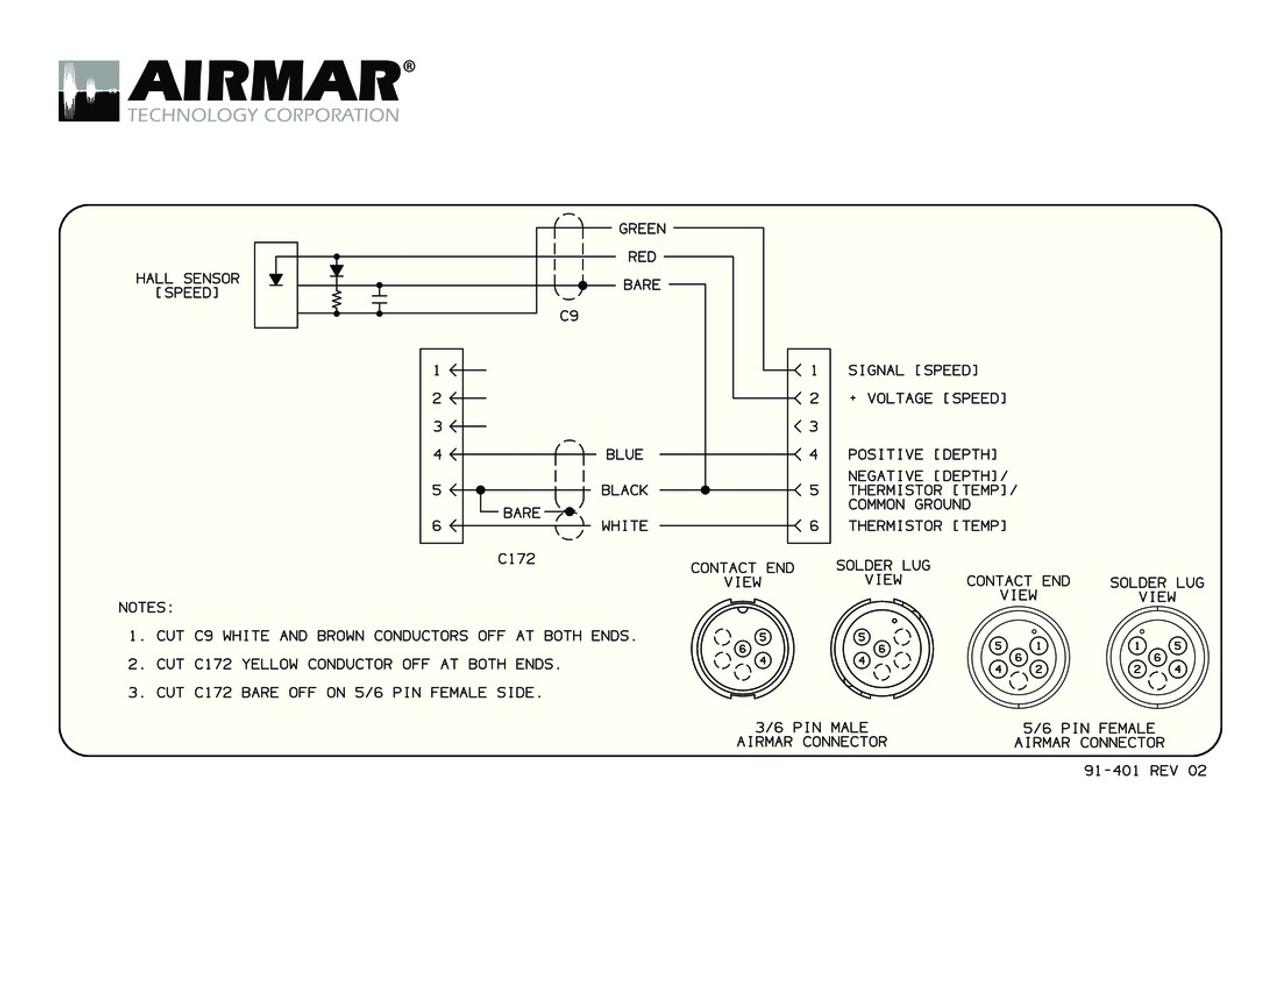 medium resolution of garmin transducer wiring diagram 4 pin wiring diagram dat airmar wiring diagram garmin 6 pin